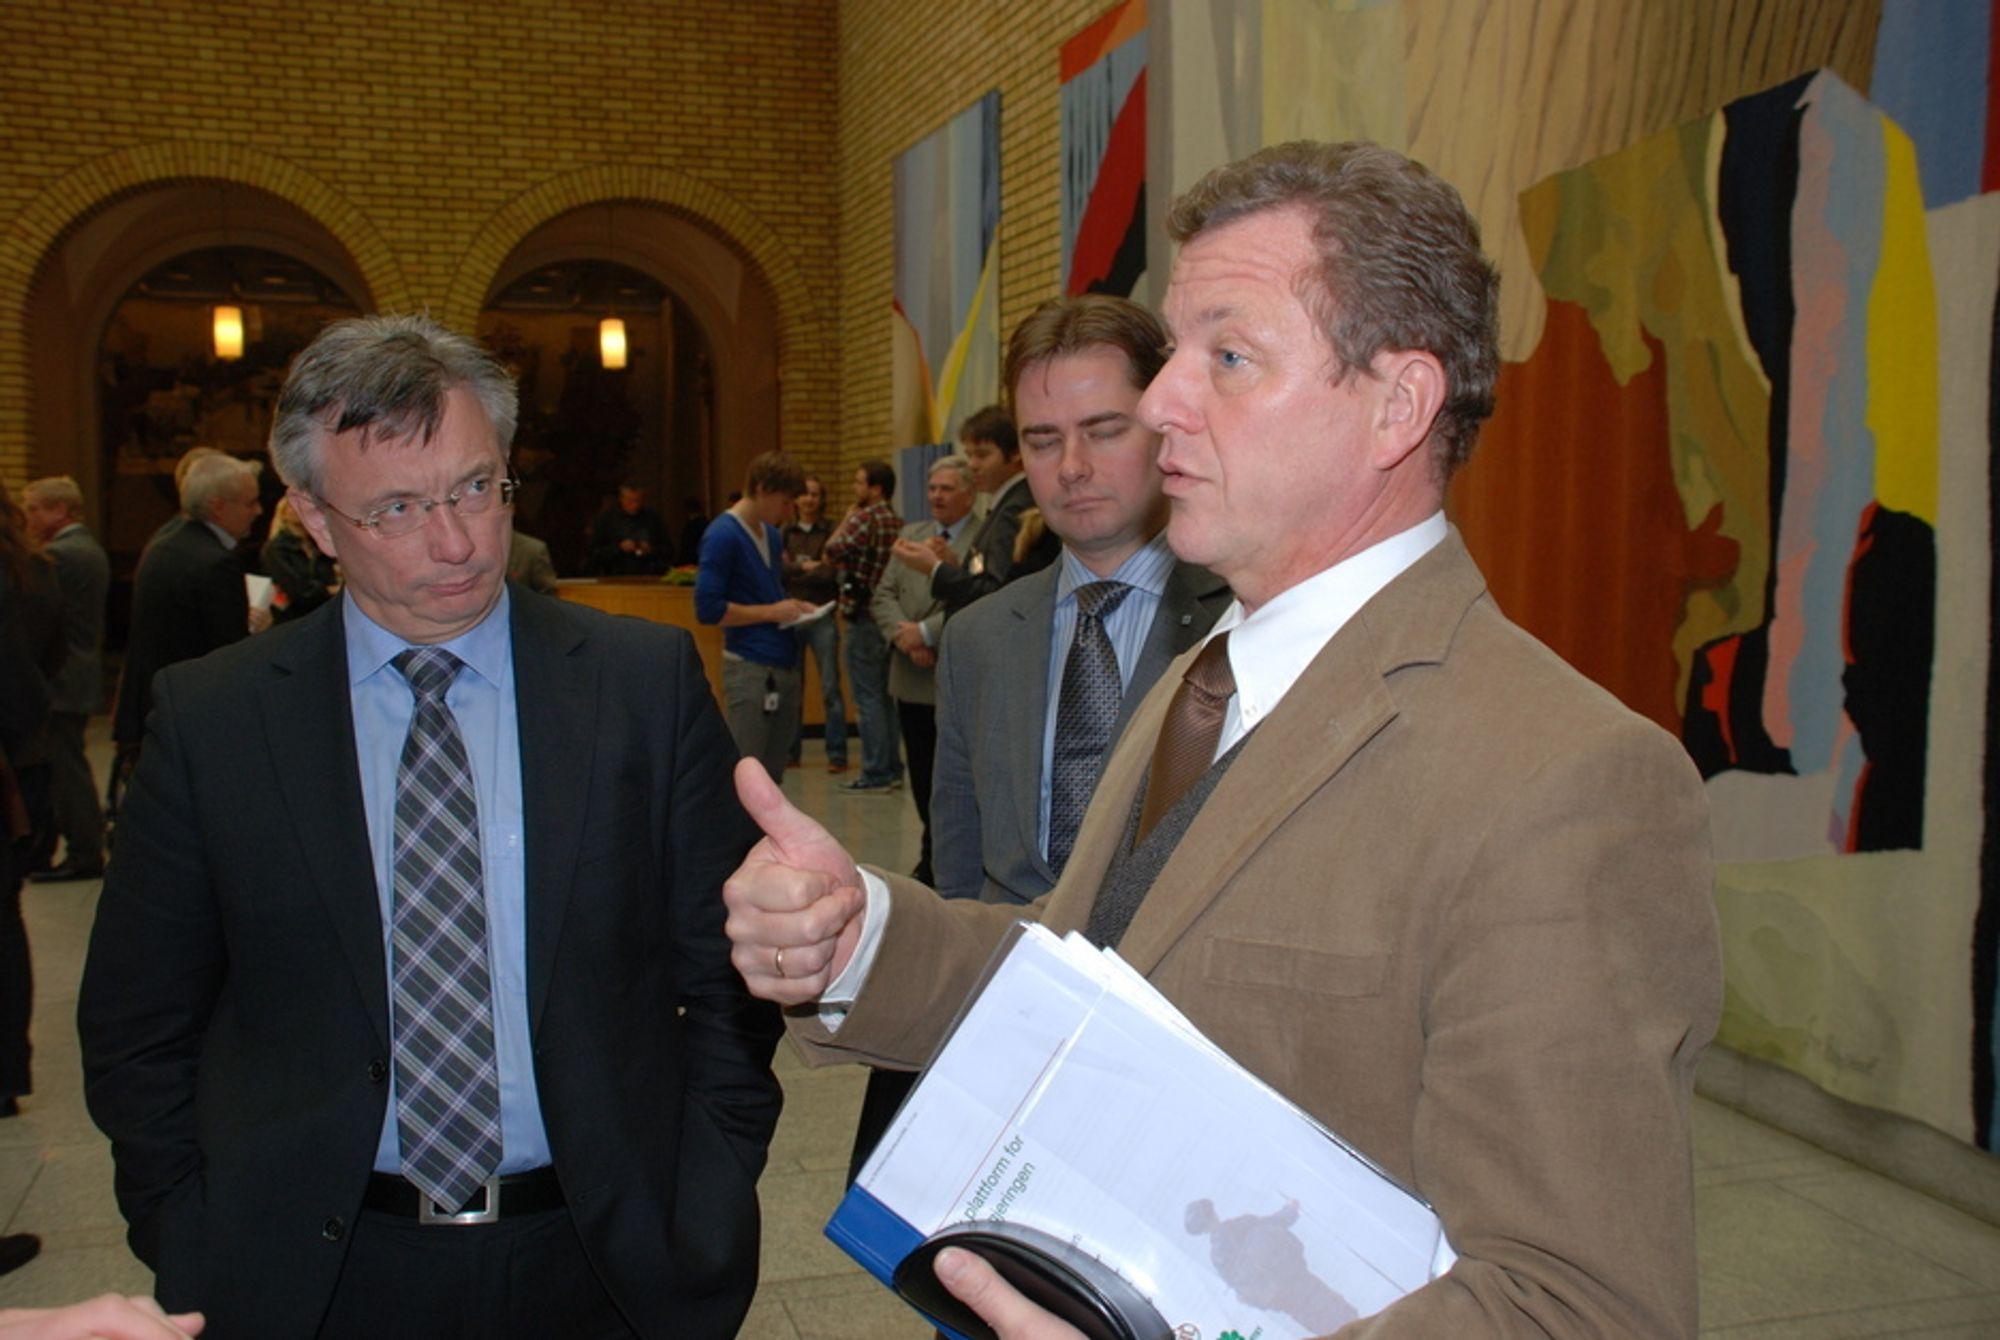 DRØFTELSER: NHO-sjef John G. Bernander og stabssjef ved statsministerens kontor Karl Eirik Schjøtt-Pedersen (i bakgrunnen) i vandrehallen under framleggelsen av statsbudsjettet for 2010. Bernander frykter for eksportindustrien.